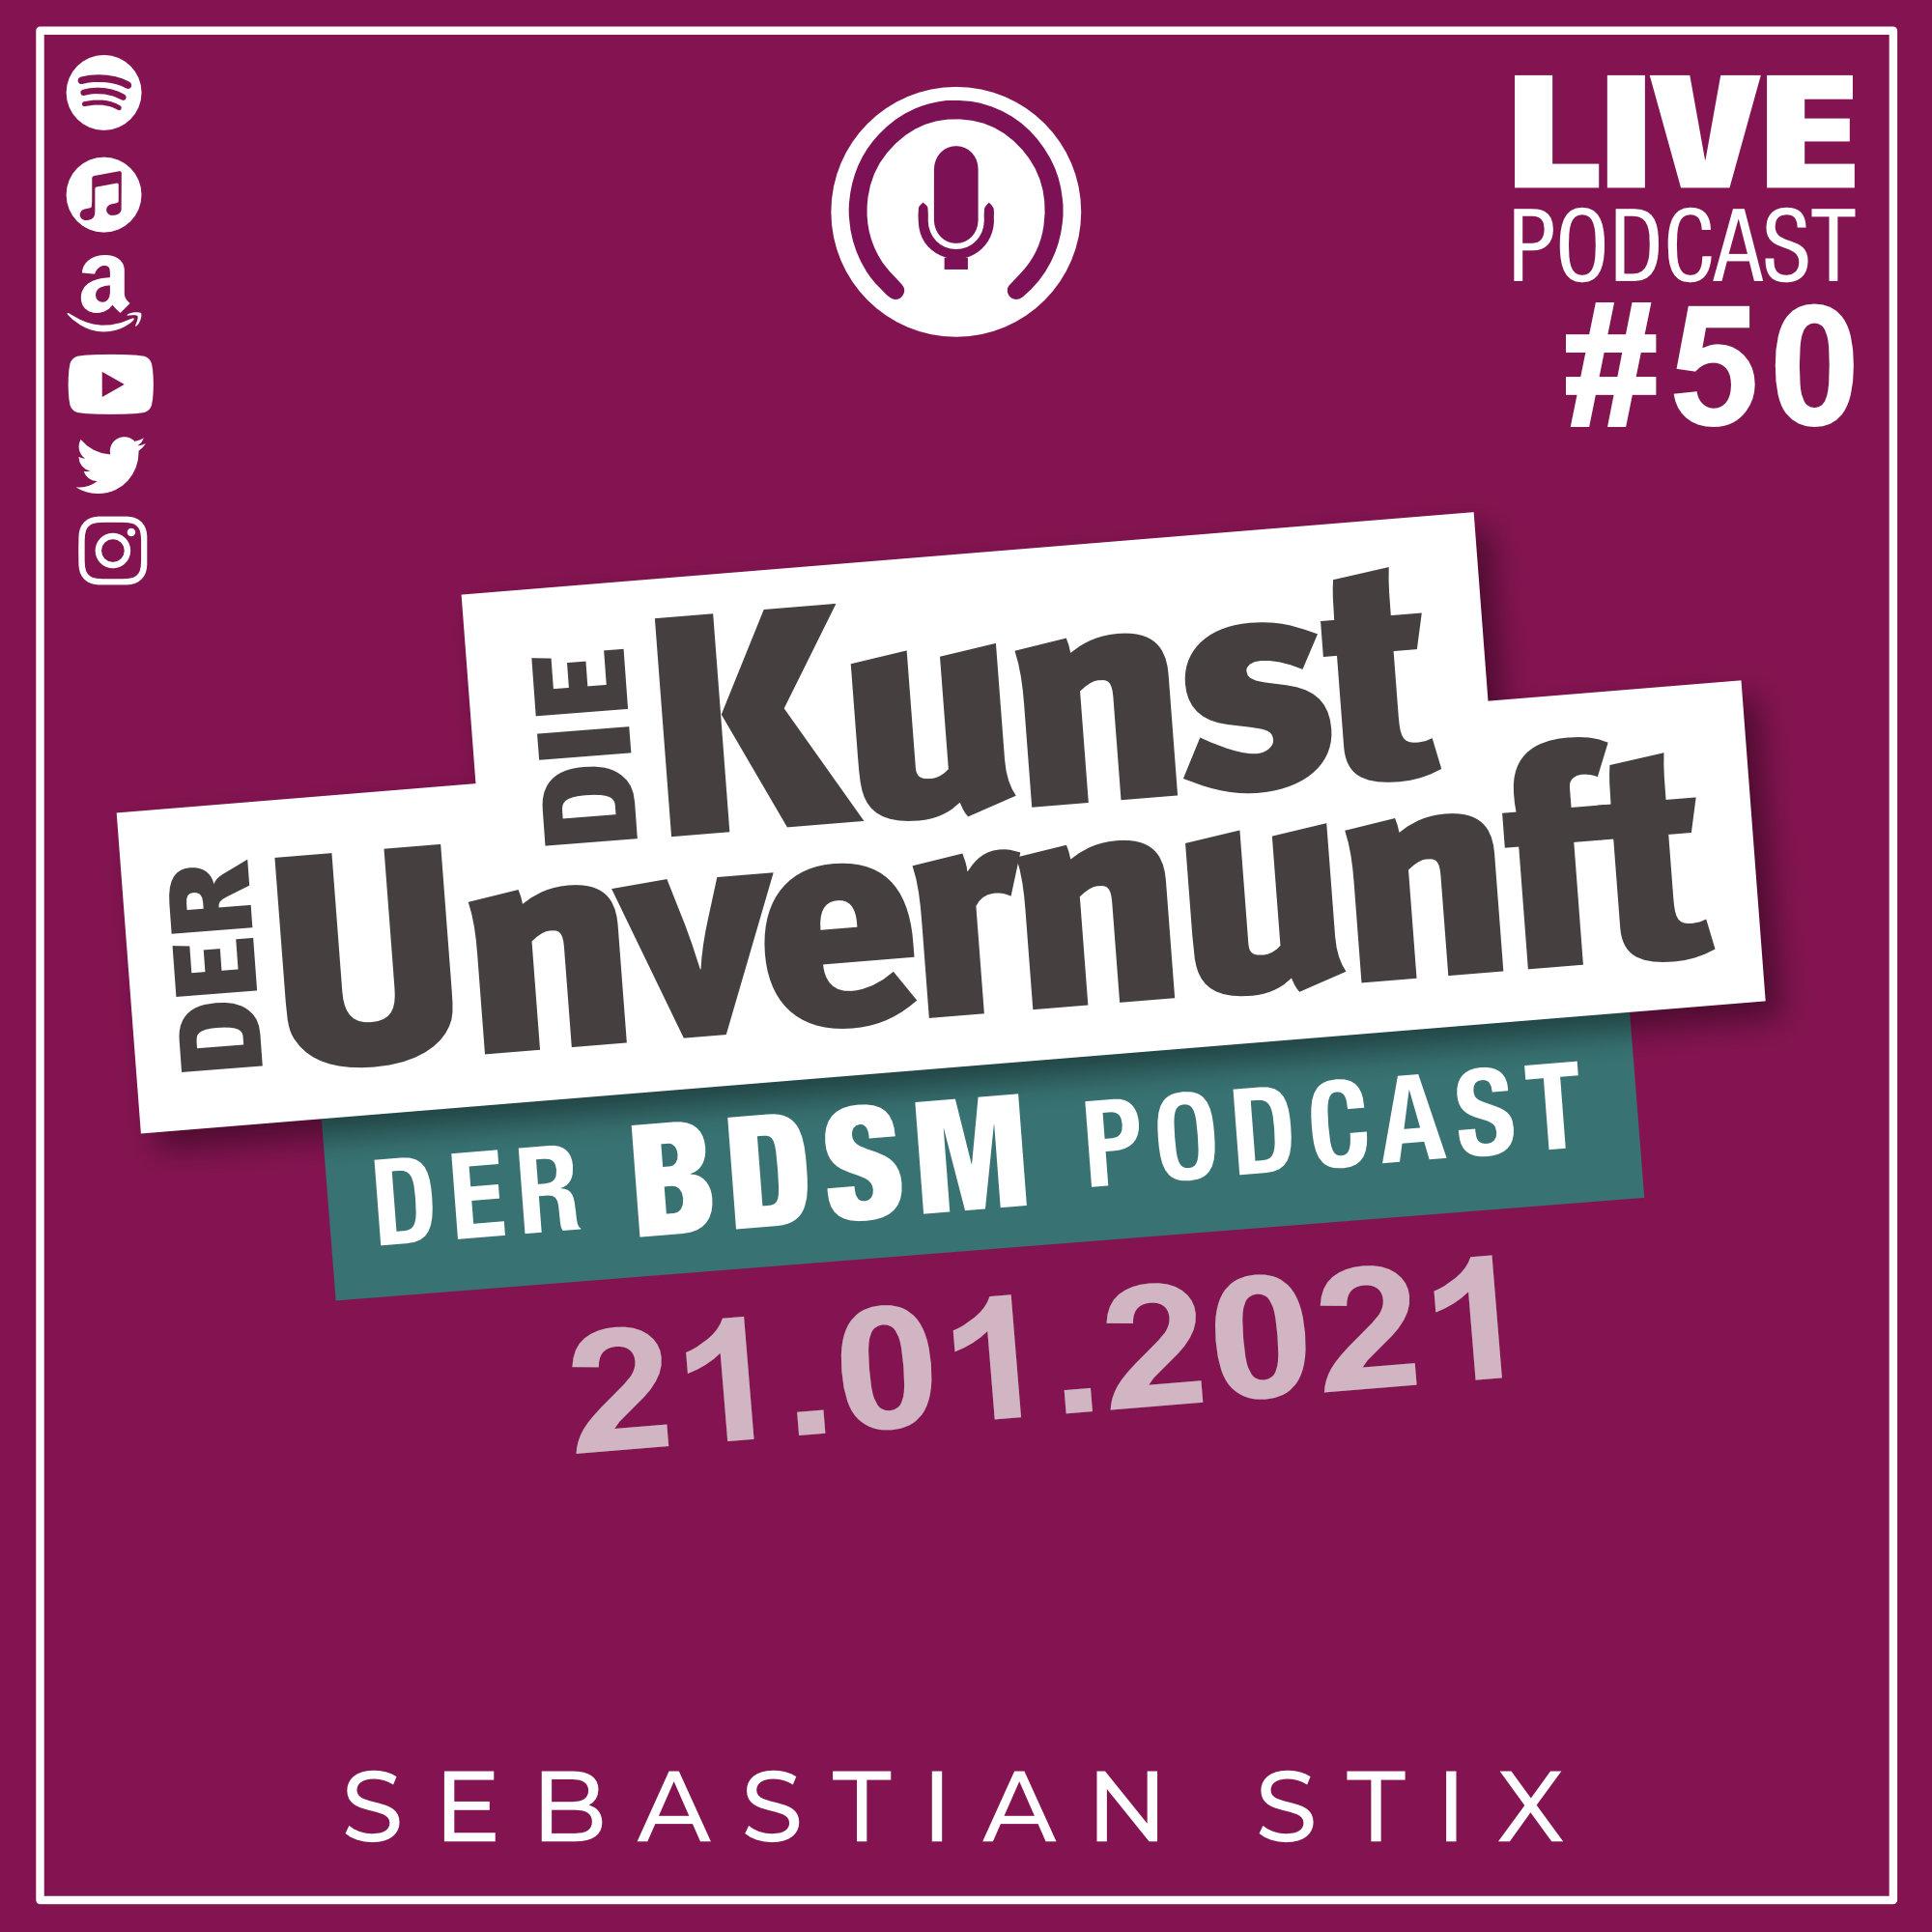 Unvernunft Live 21.01.2021 - BDSM die Büchse der Pandora